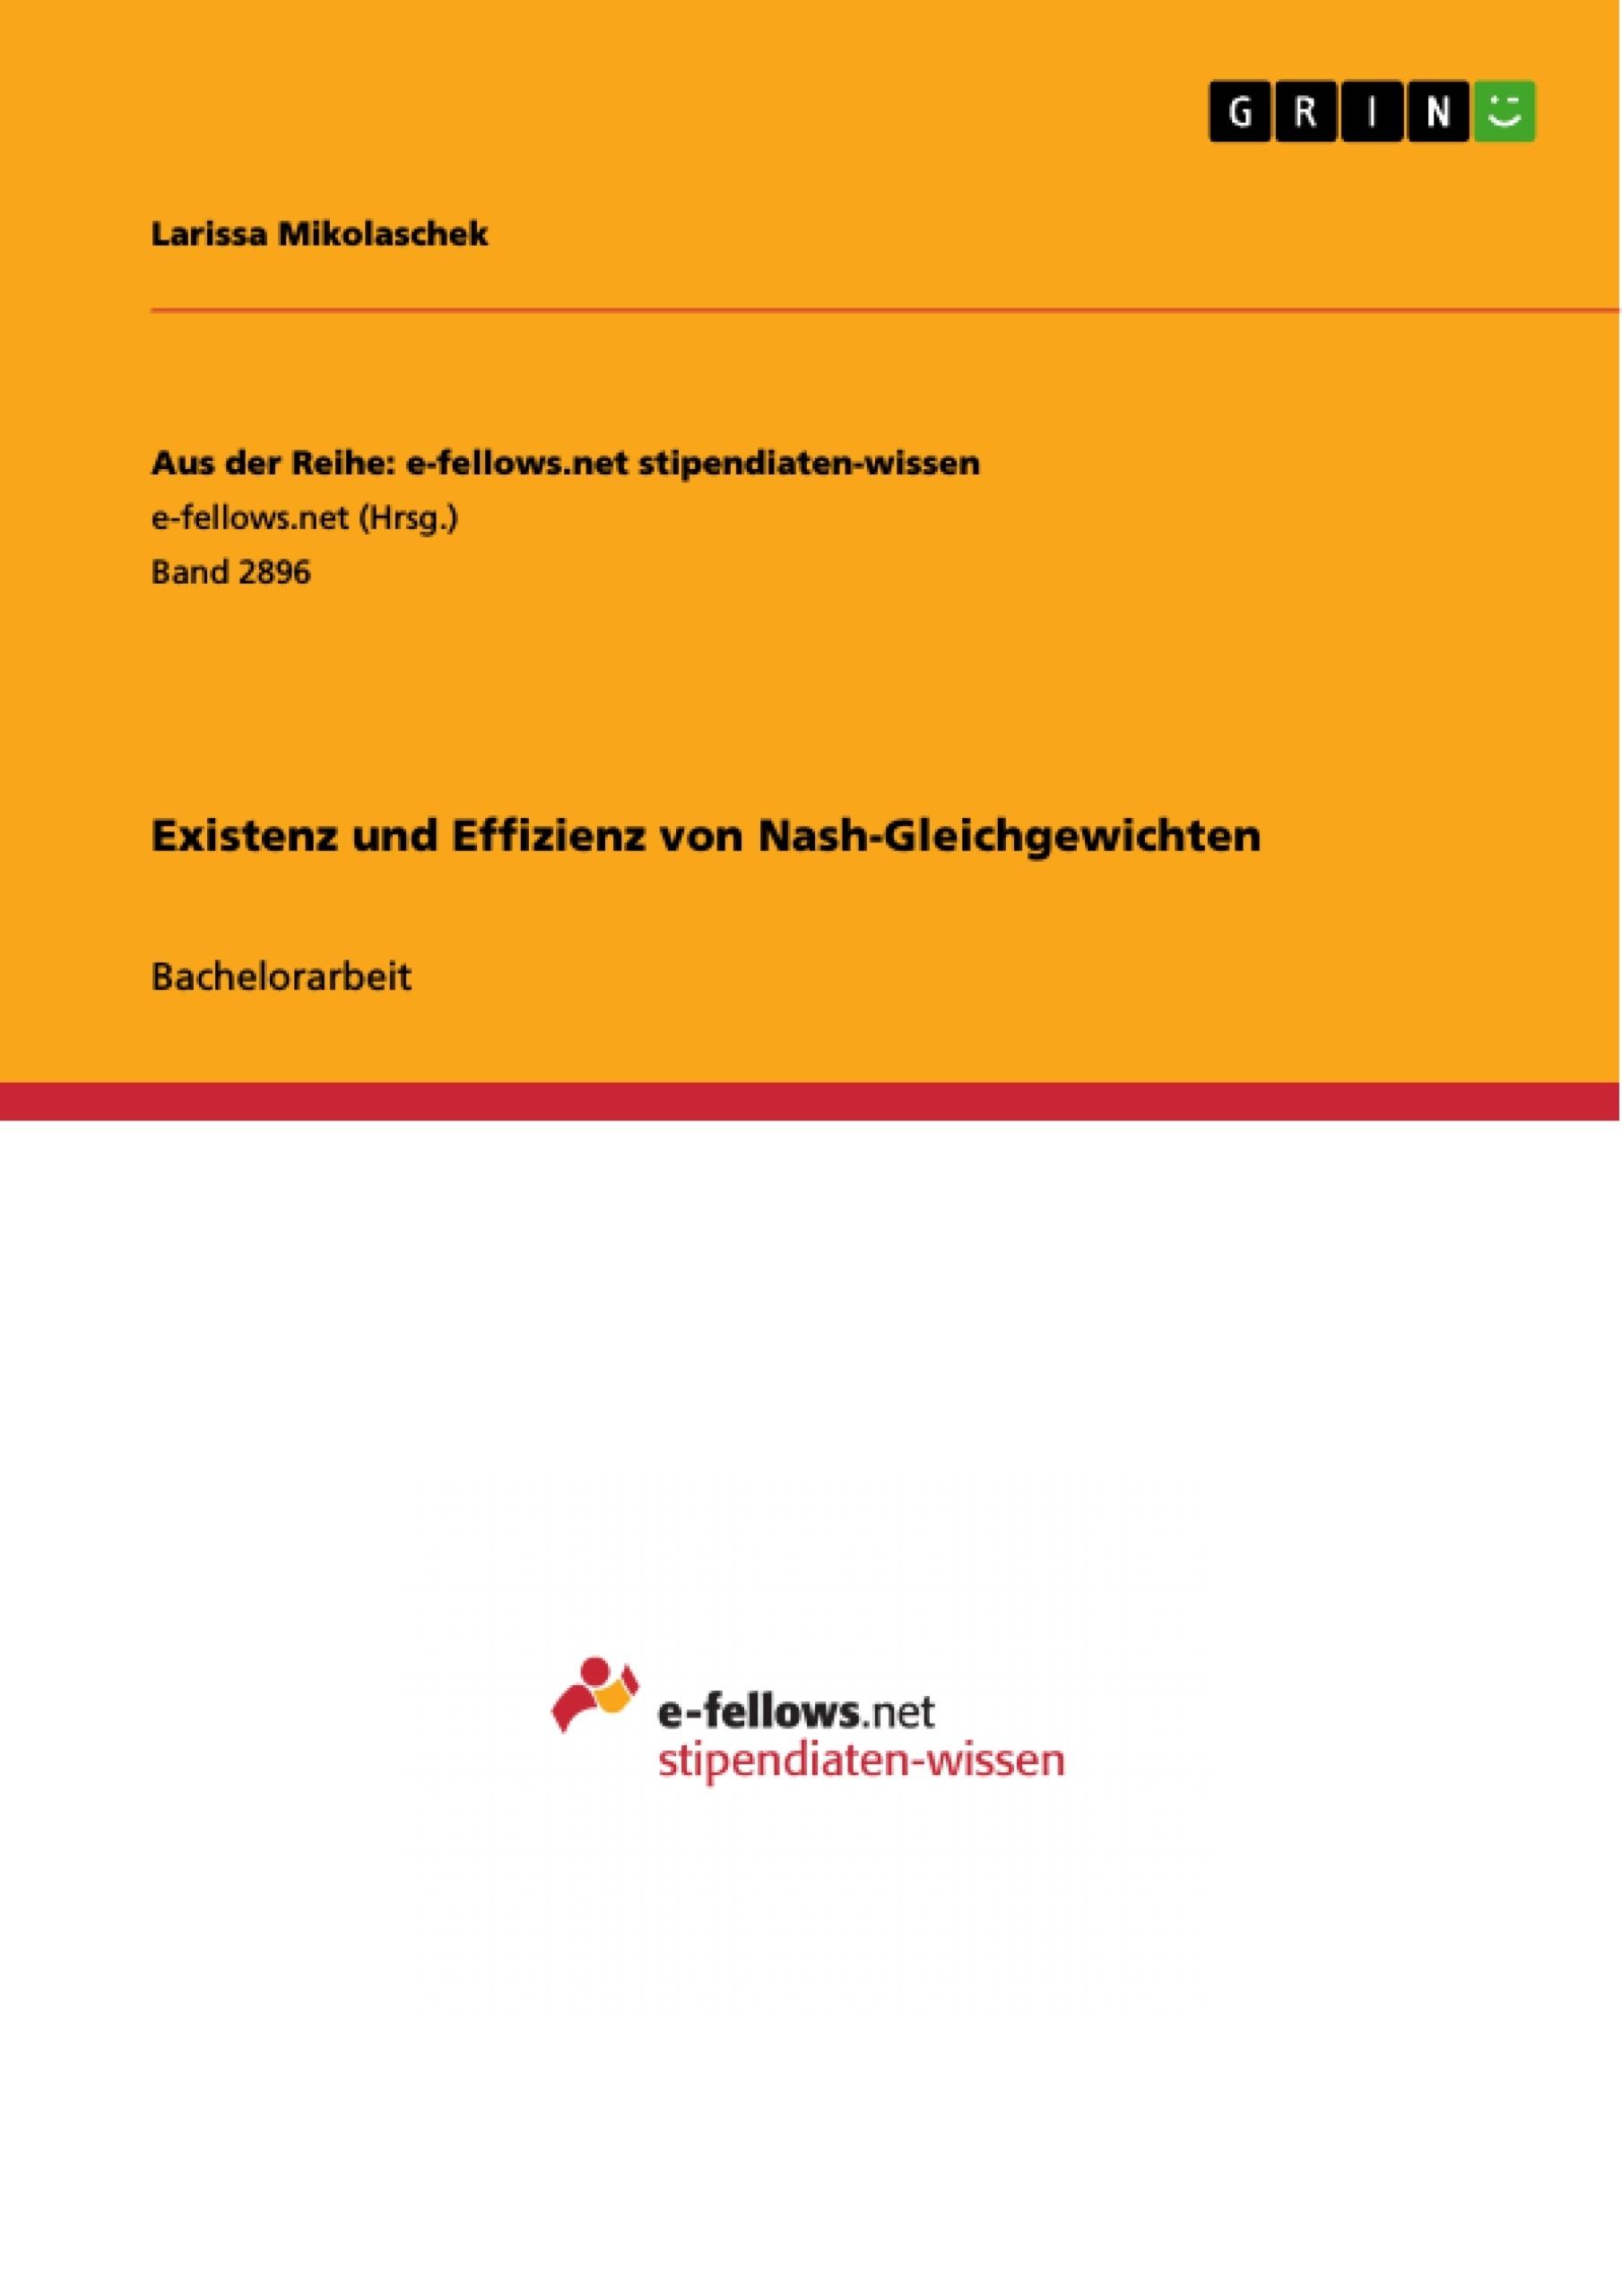 Titel: Existenz und Effizienz von Nash-Gleichgewichten